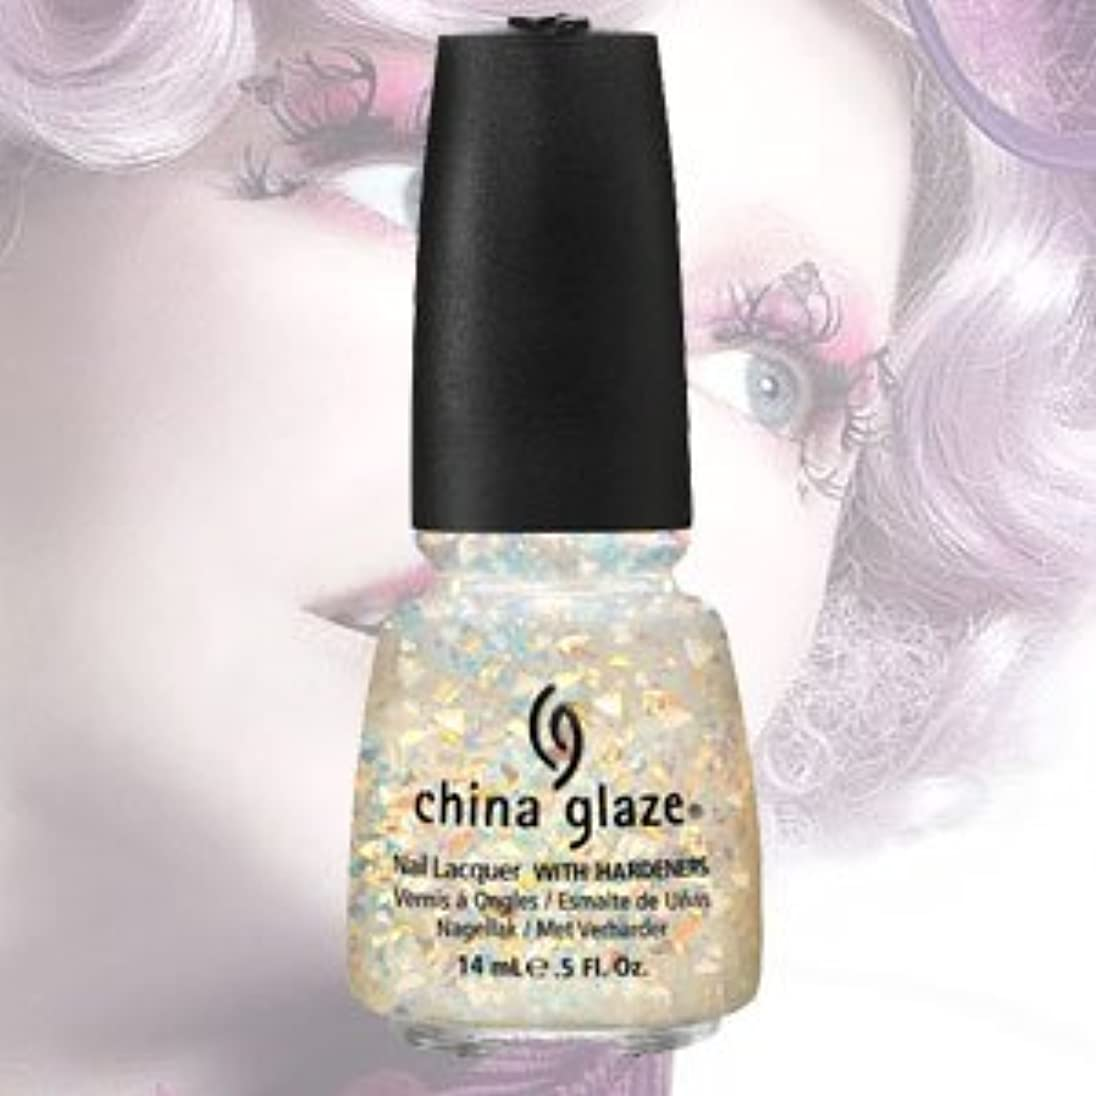 民間人オーストラリアアナログ(チャイナグレイズ)China Glaze Luxe and LushーCAPITOL COLOURS コレクション [海外直送品][並行輸入品]